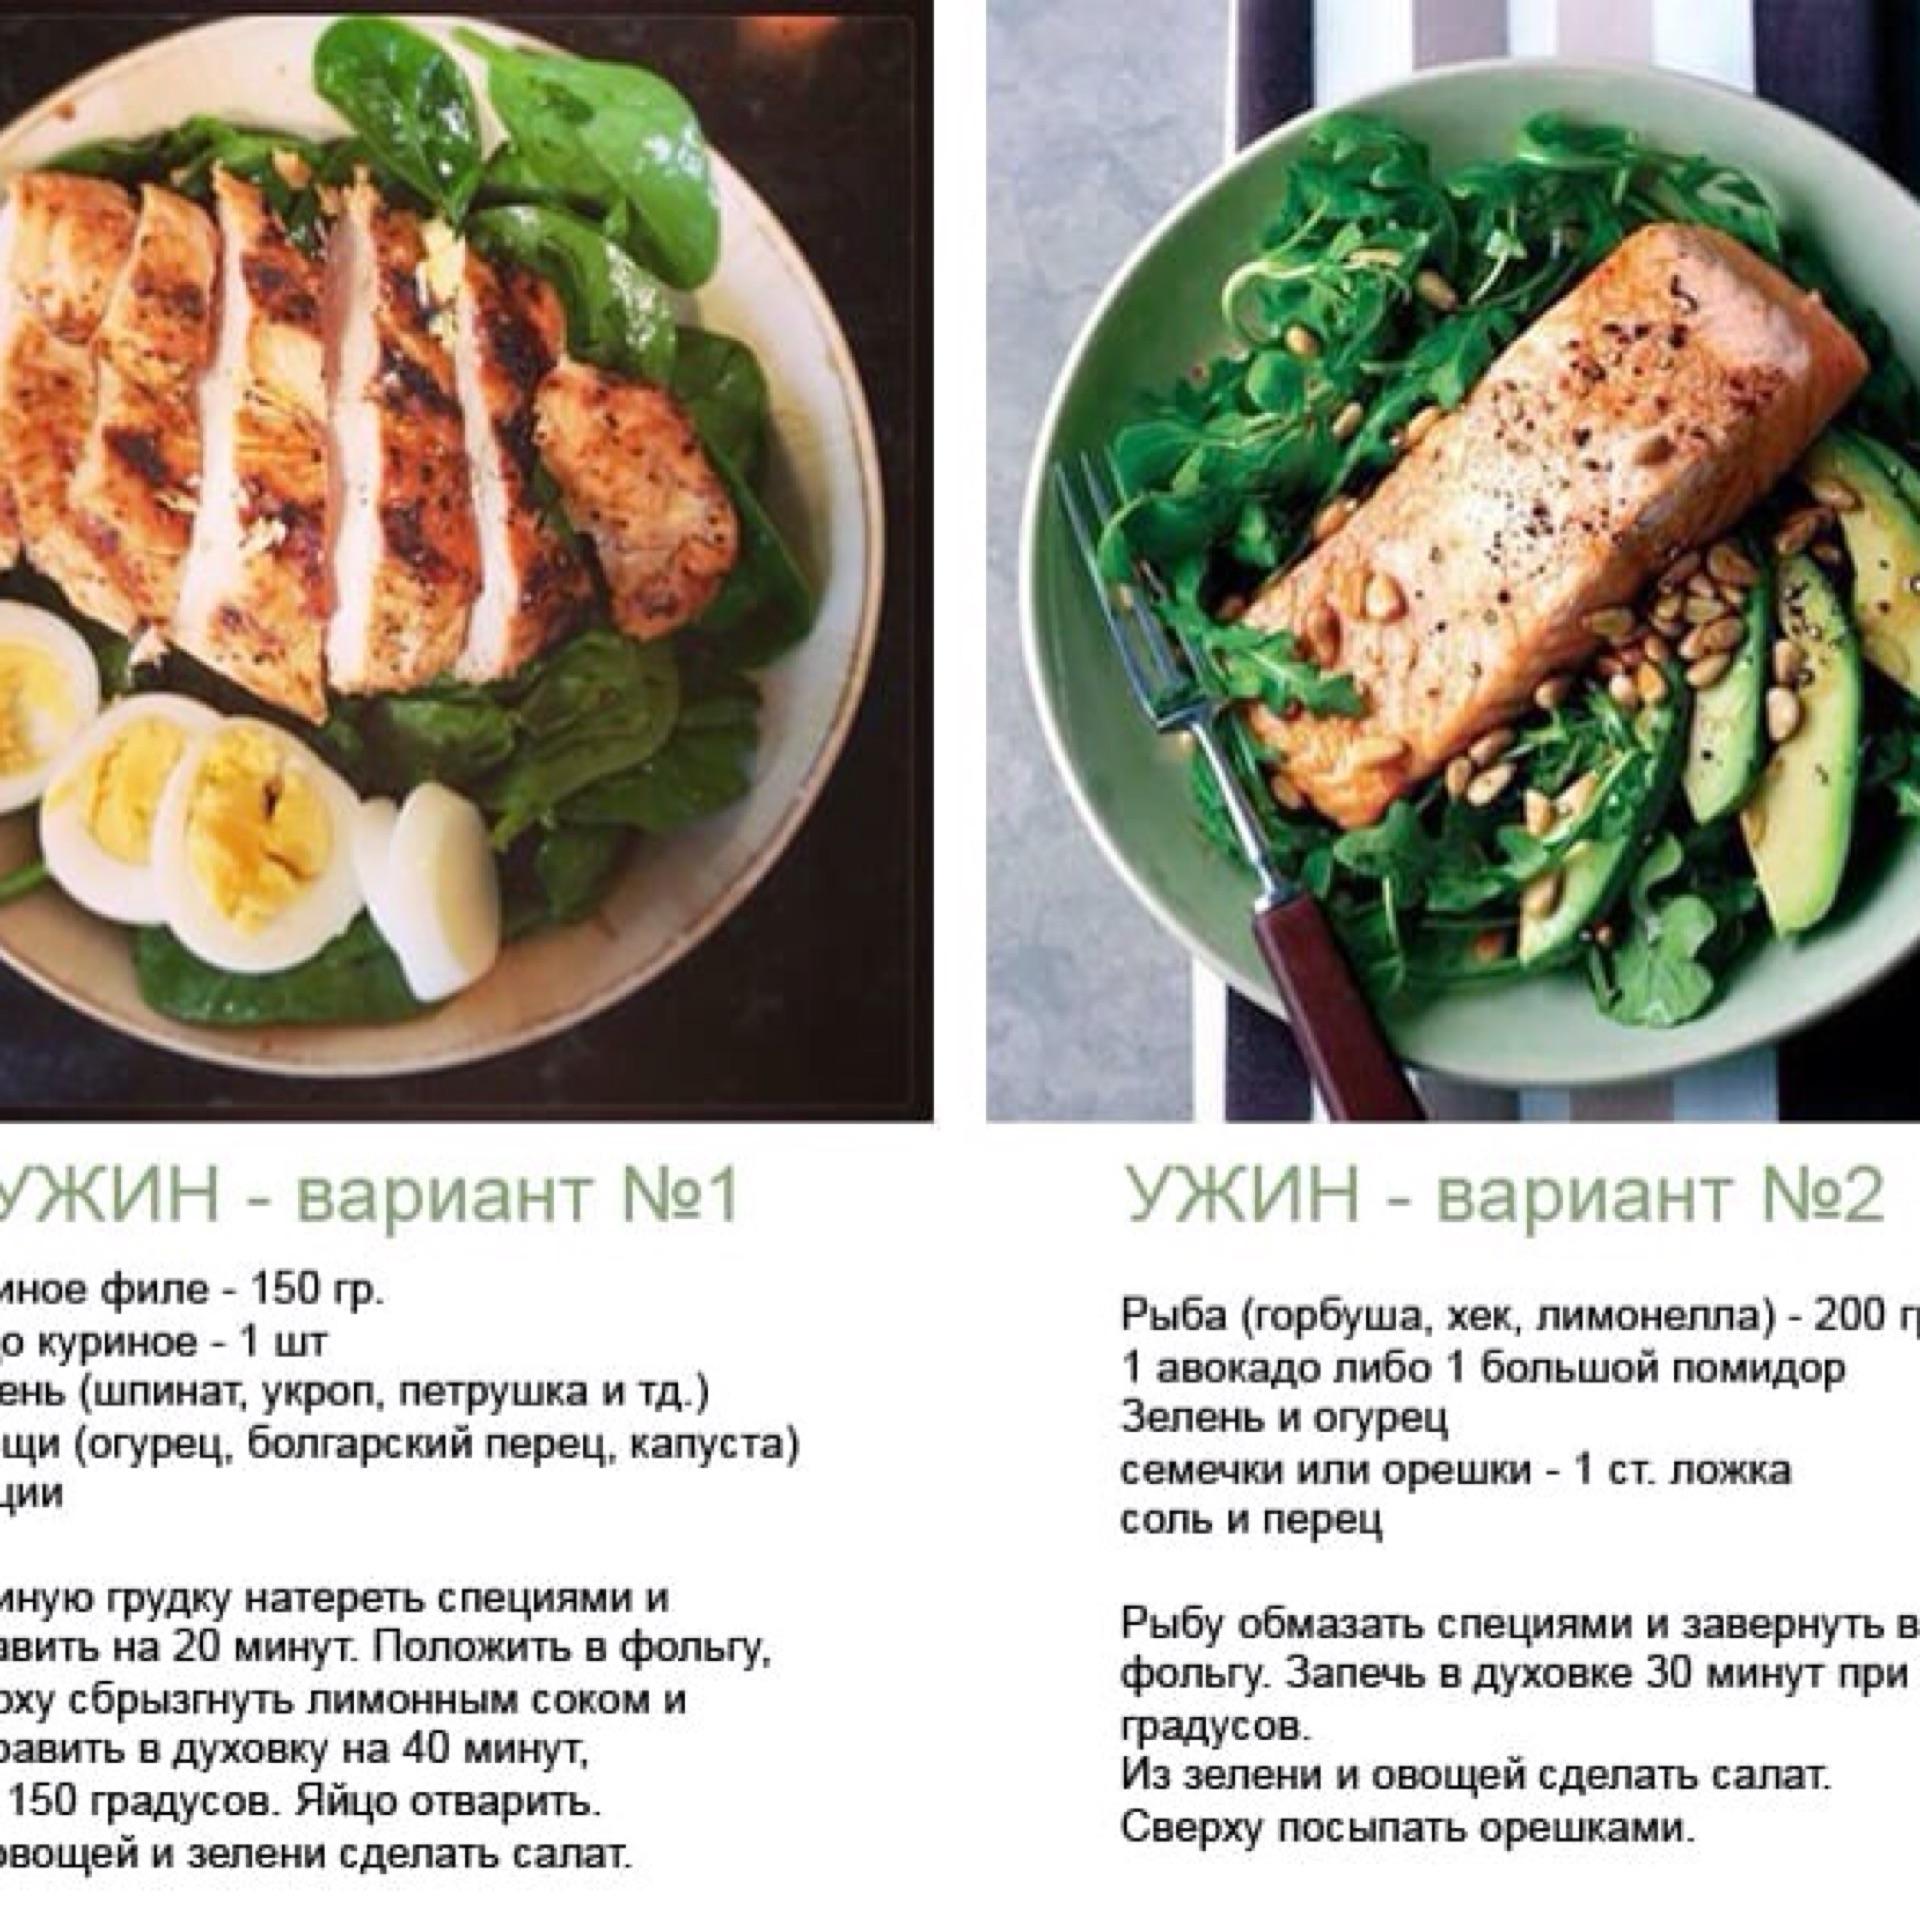 Рецепты Эффективного Похудения. Народные рецепты похудения без диет